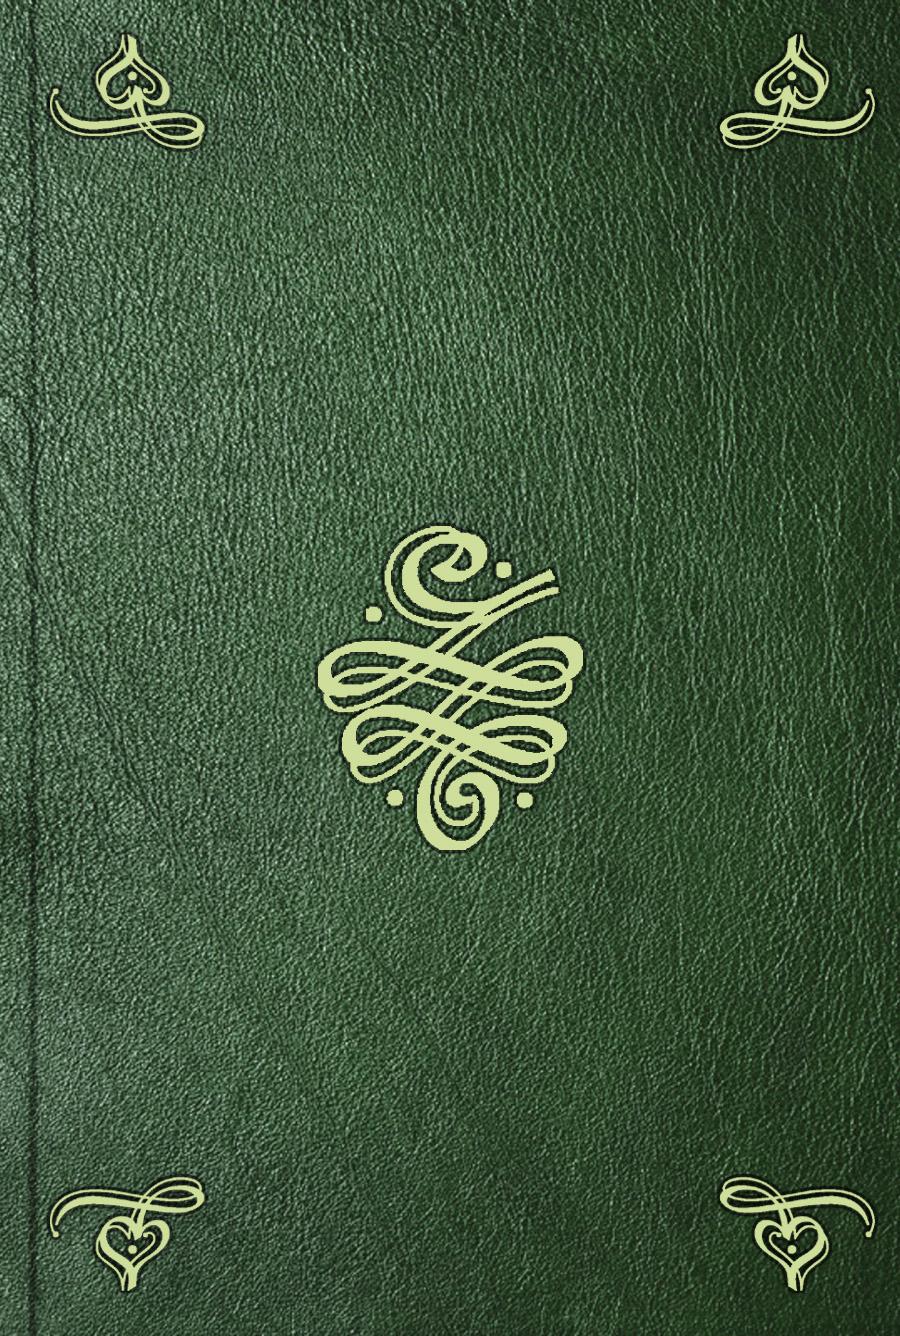 Johann Gottfried Herder Briefe zu Beförderung der Humanität. Sammlung 2 johann gottfried herder poesien